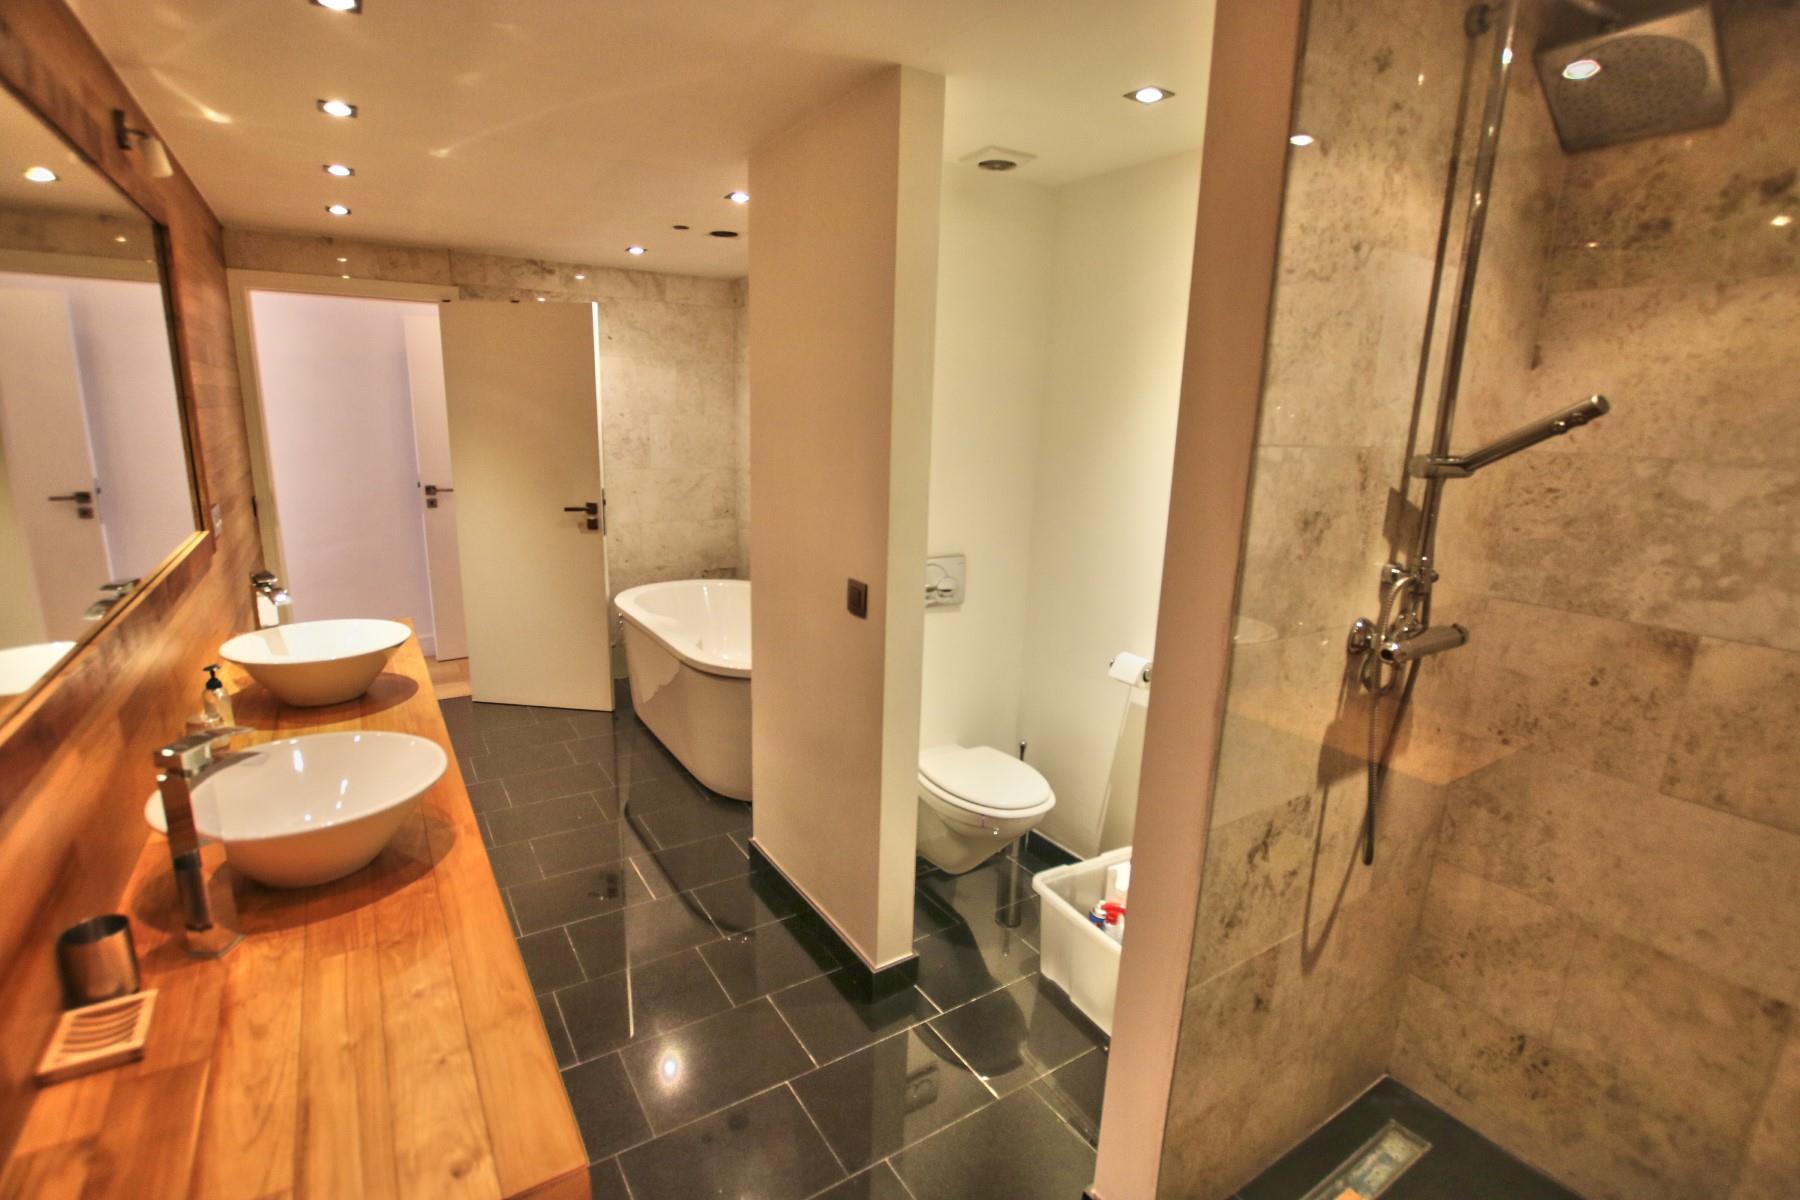 Appartement exceptionnel - Ixelles - #4030098-15